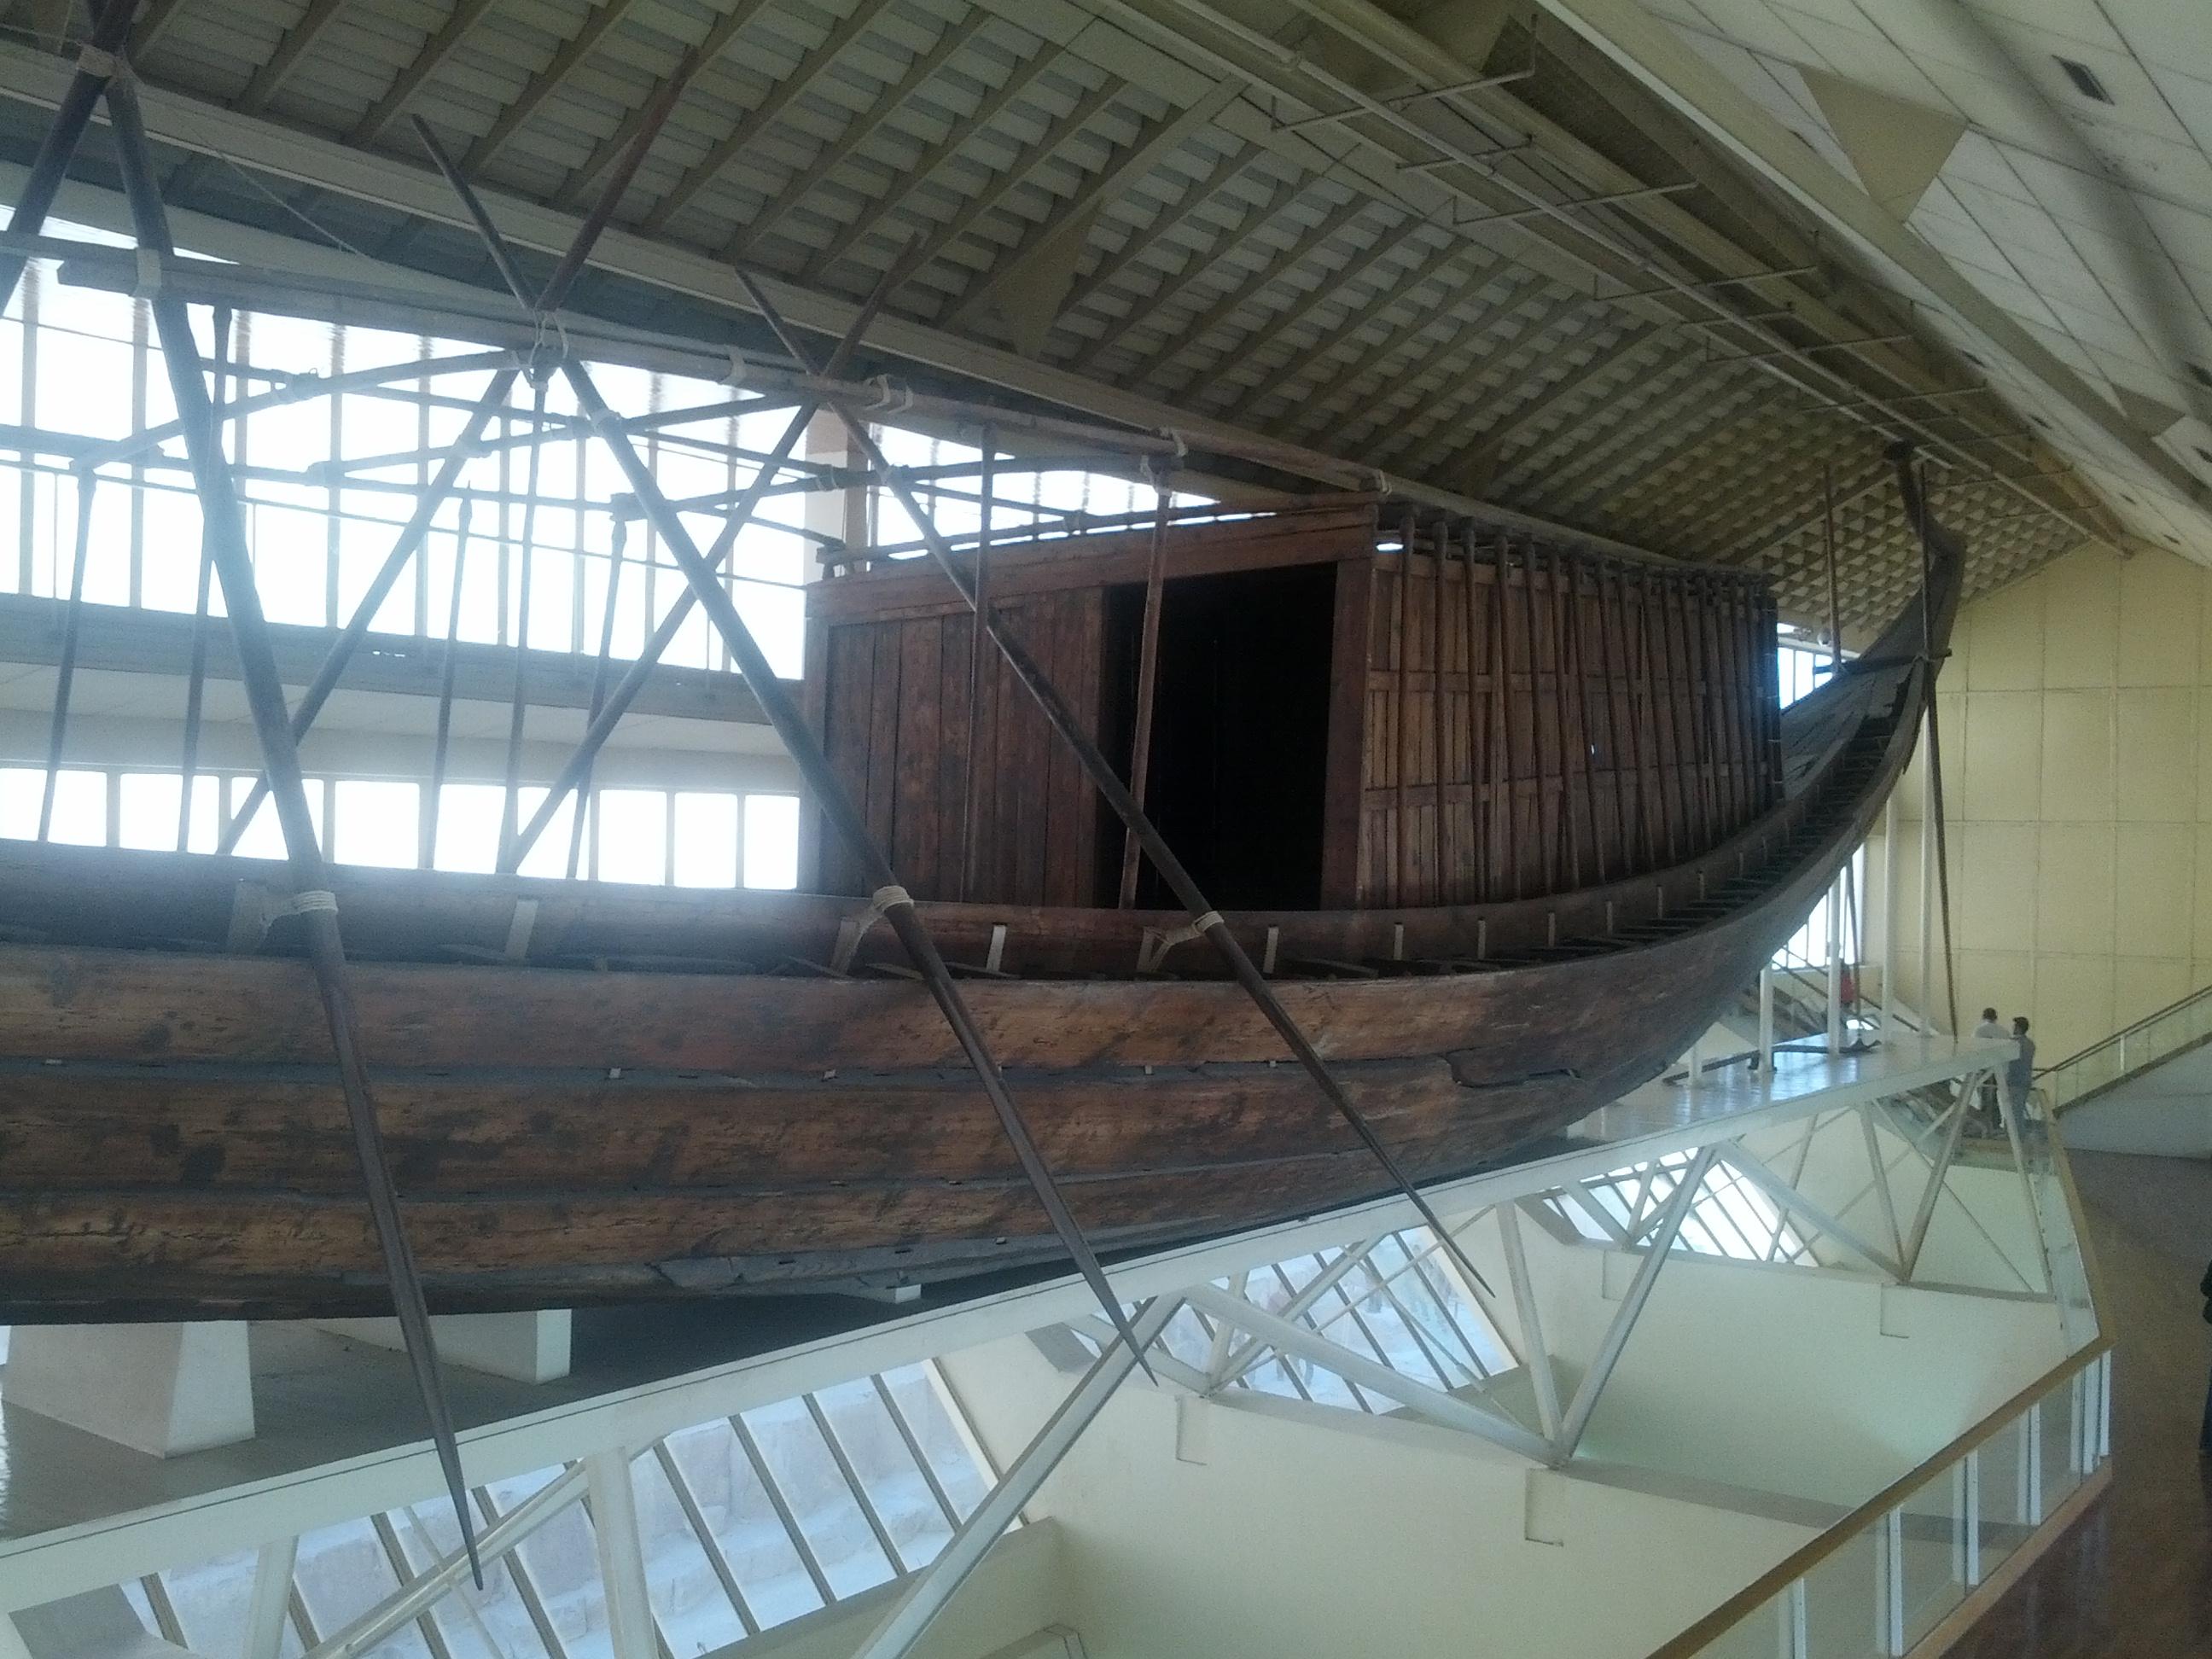 2012-12-10-solarboat.jpg